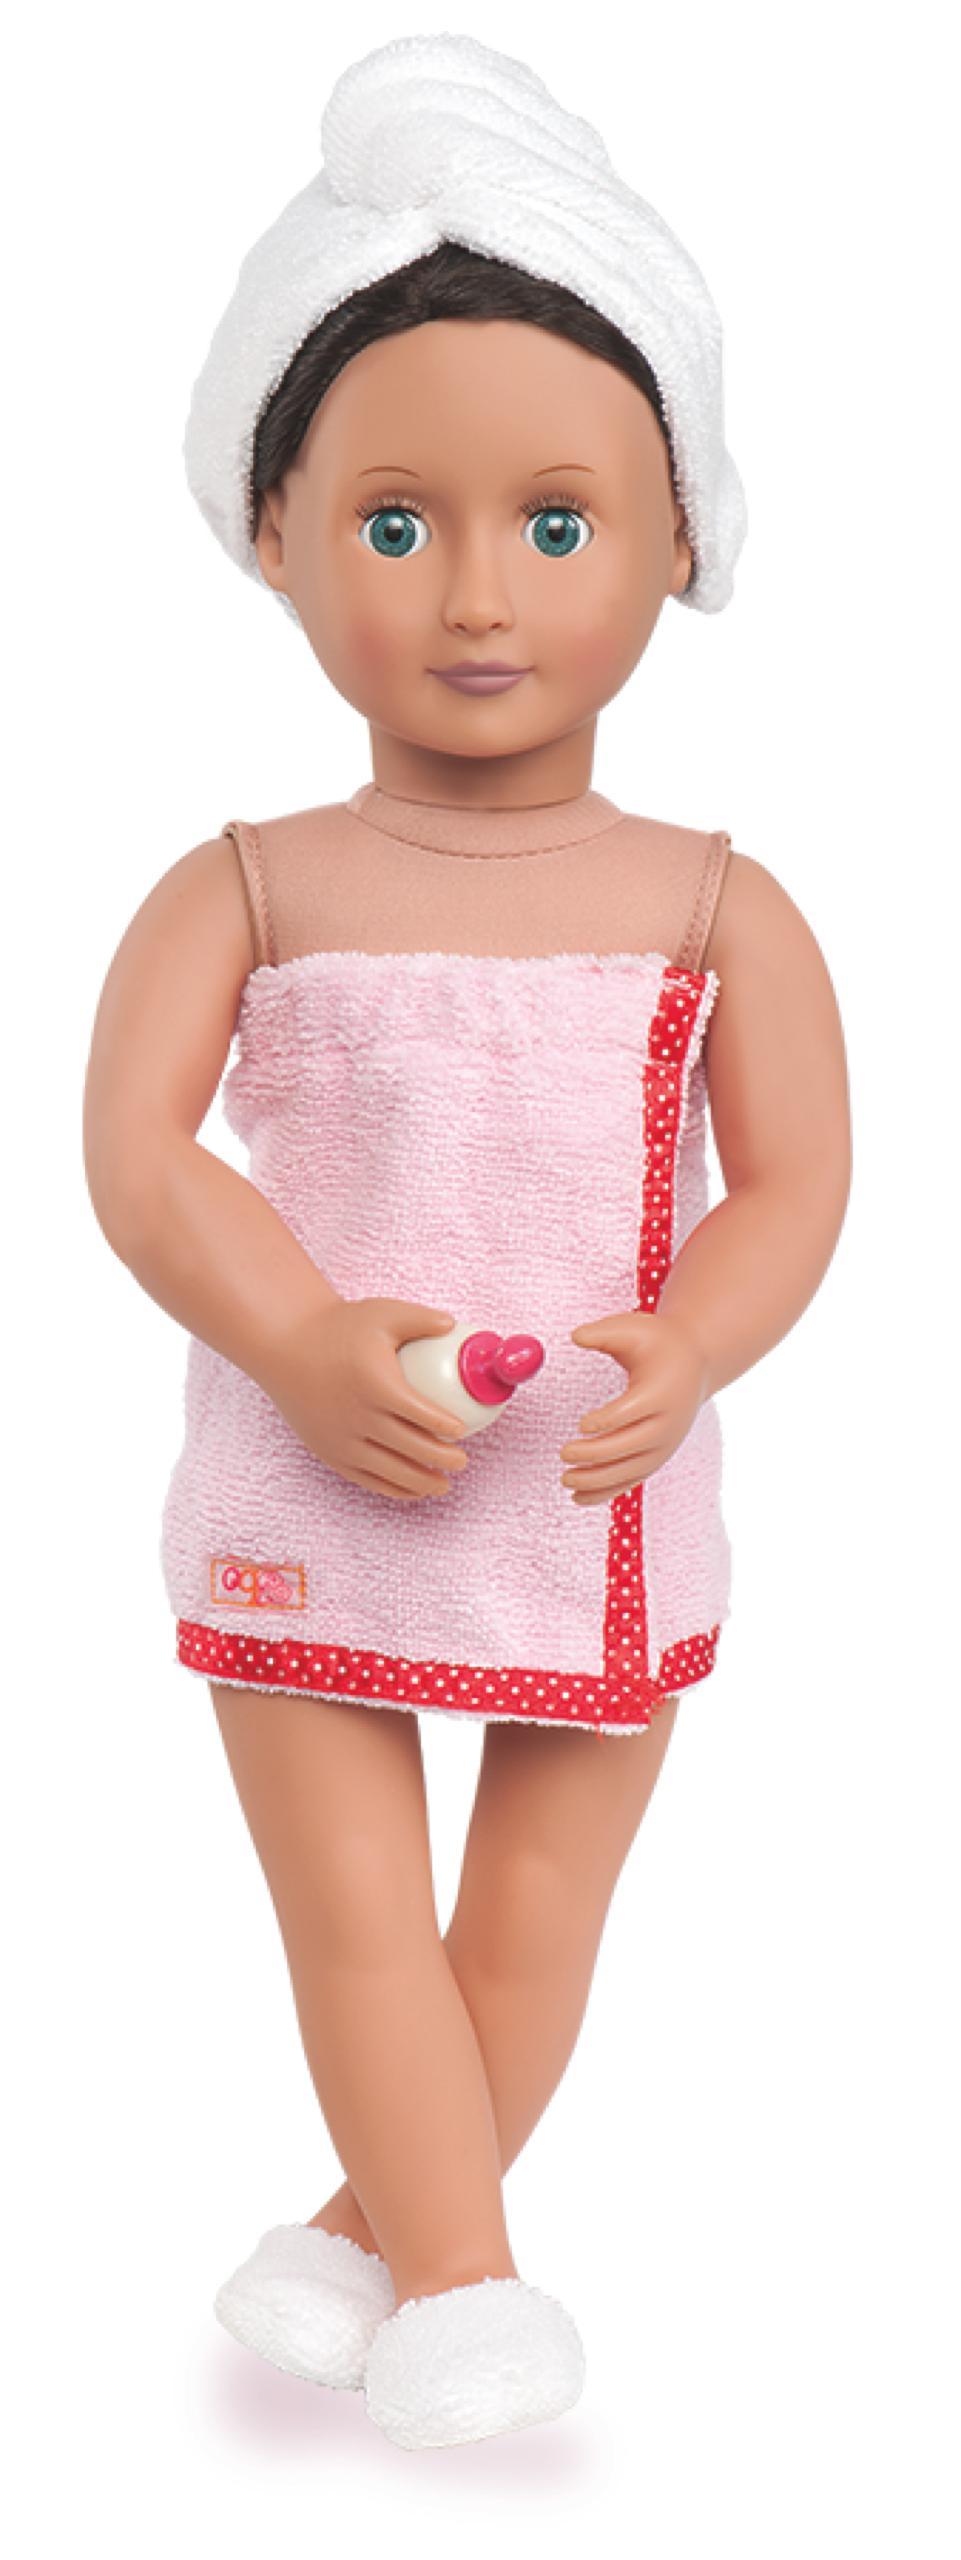 Sp-Aaaah Day Set for 18 OG doll